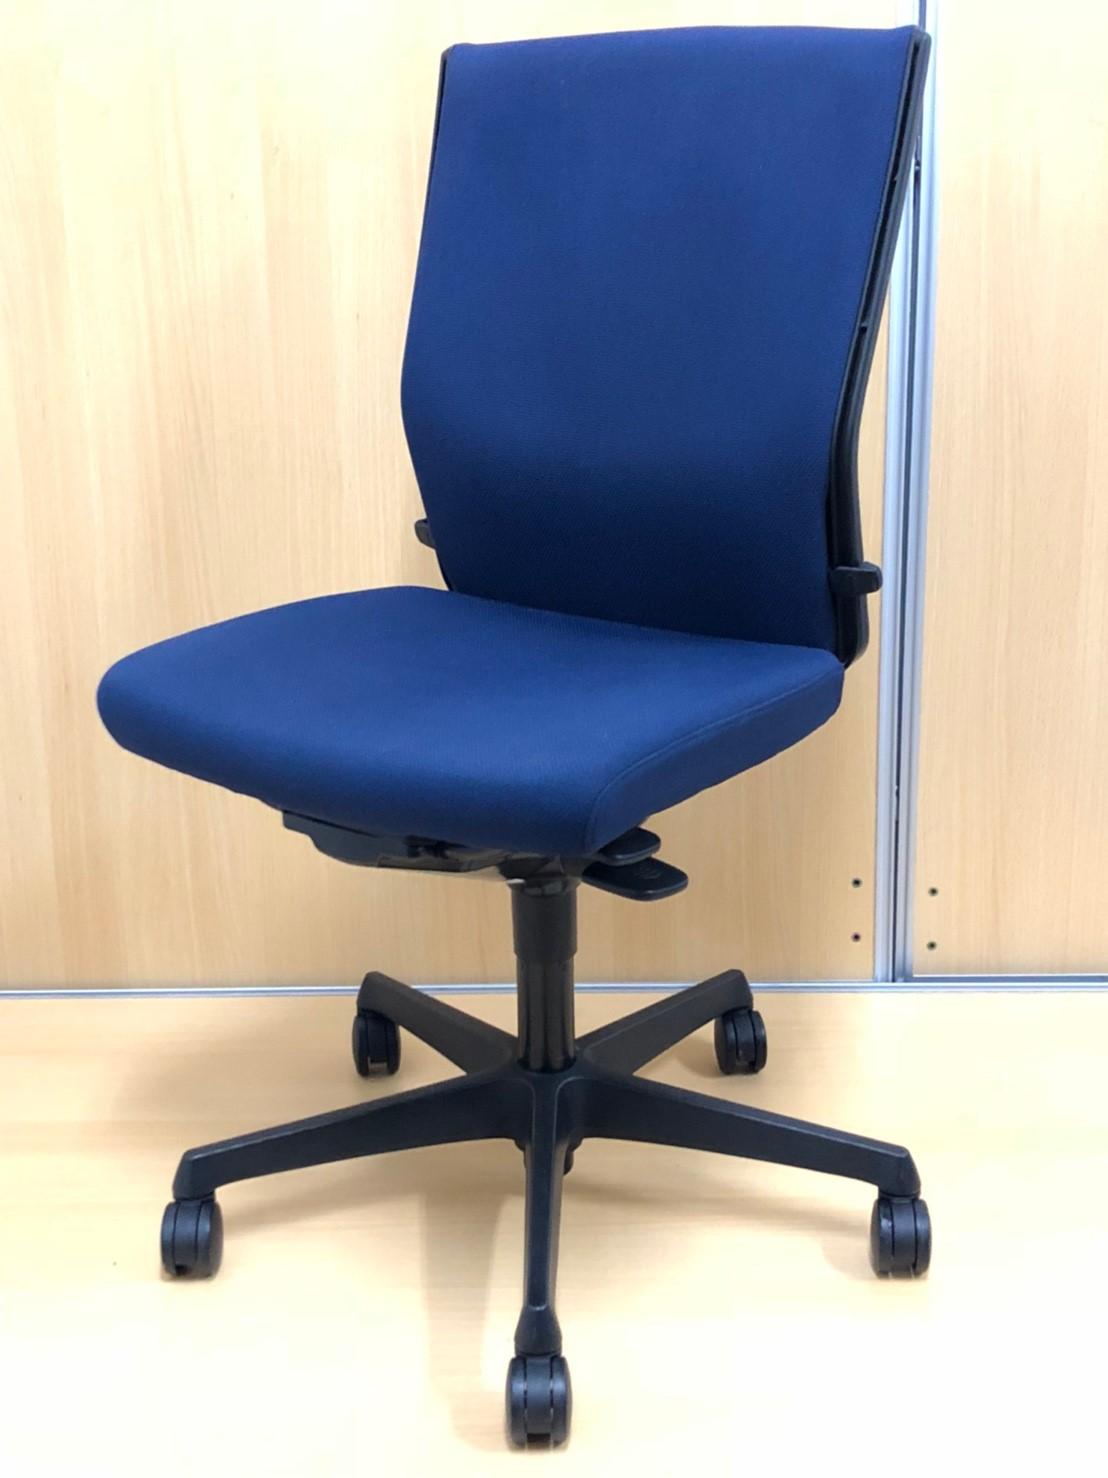 【スタイリッシュなデザイン!】■長時間座っても疲れにくいフカフカしたクッションで座り心地◎!